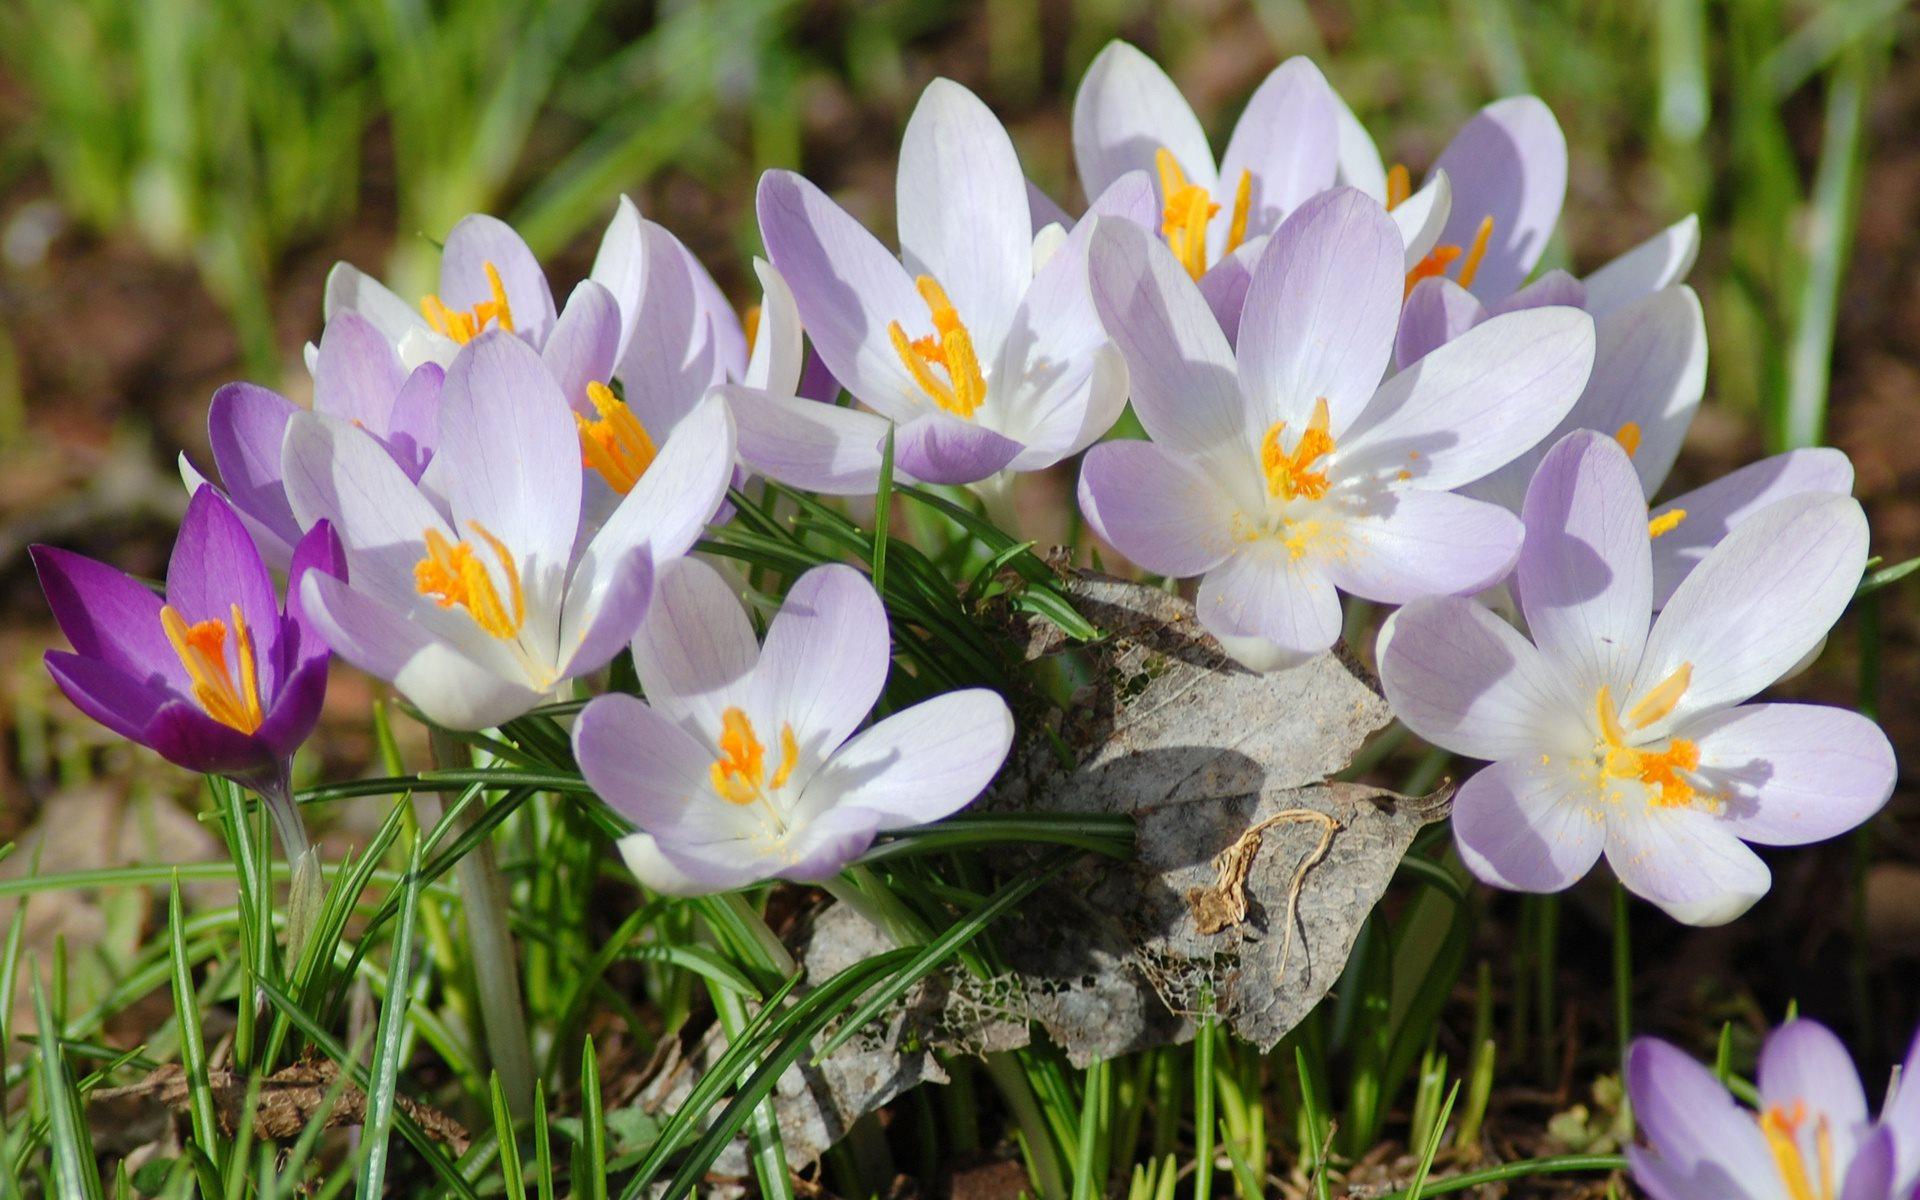 красивые весенние цветы картинка на обои